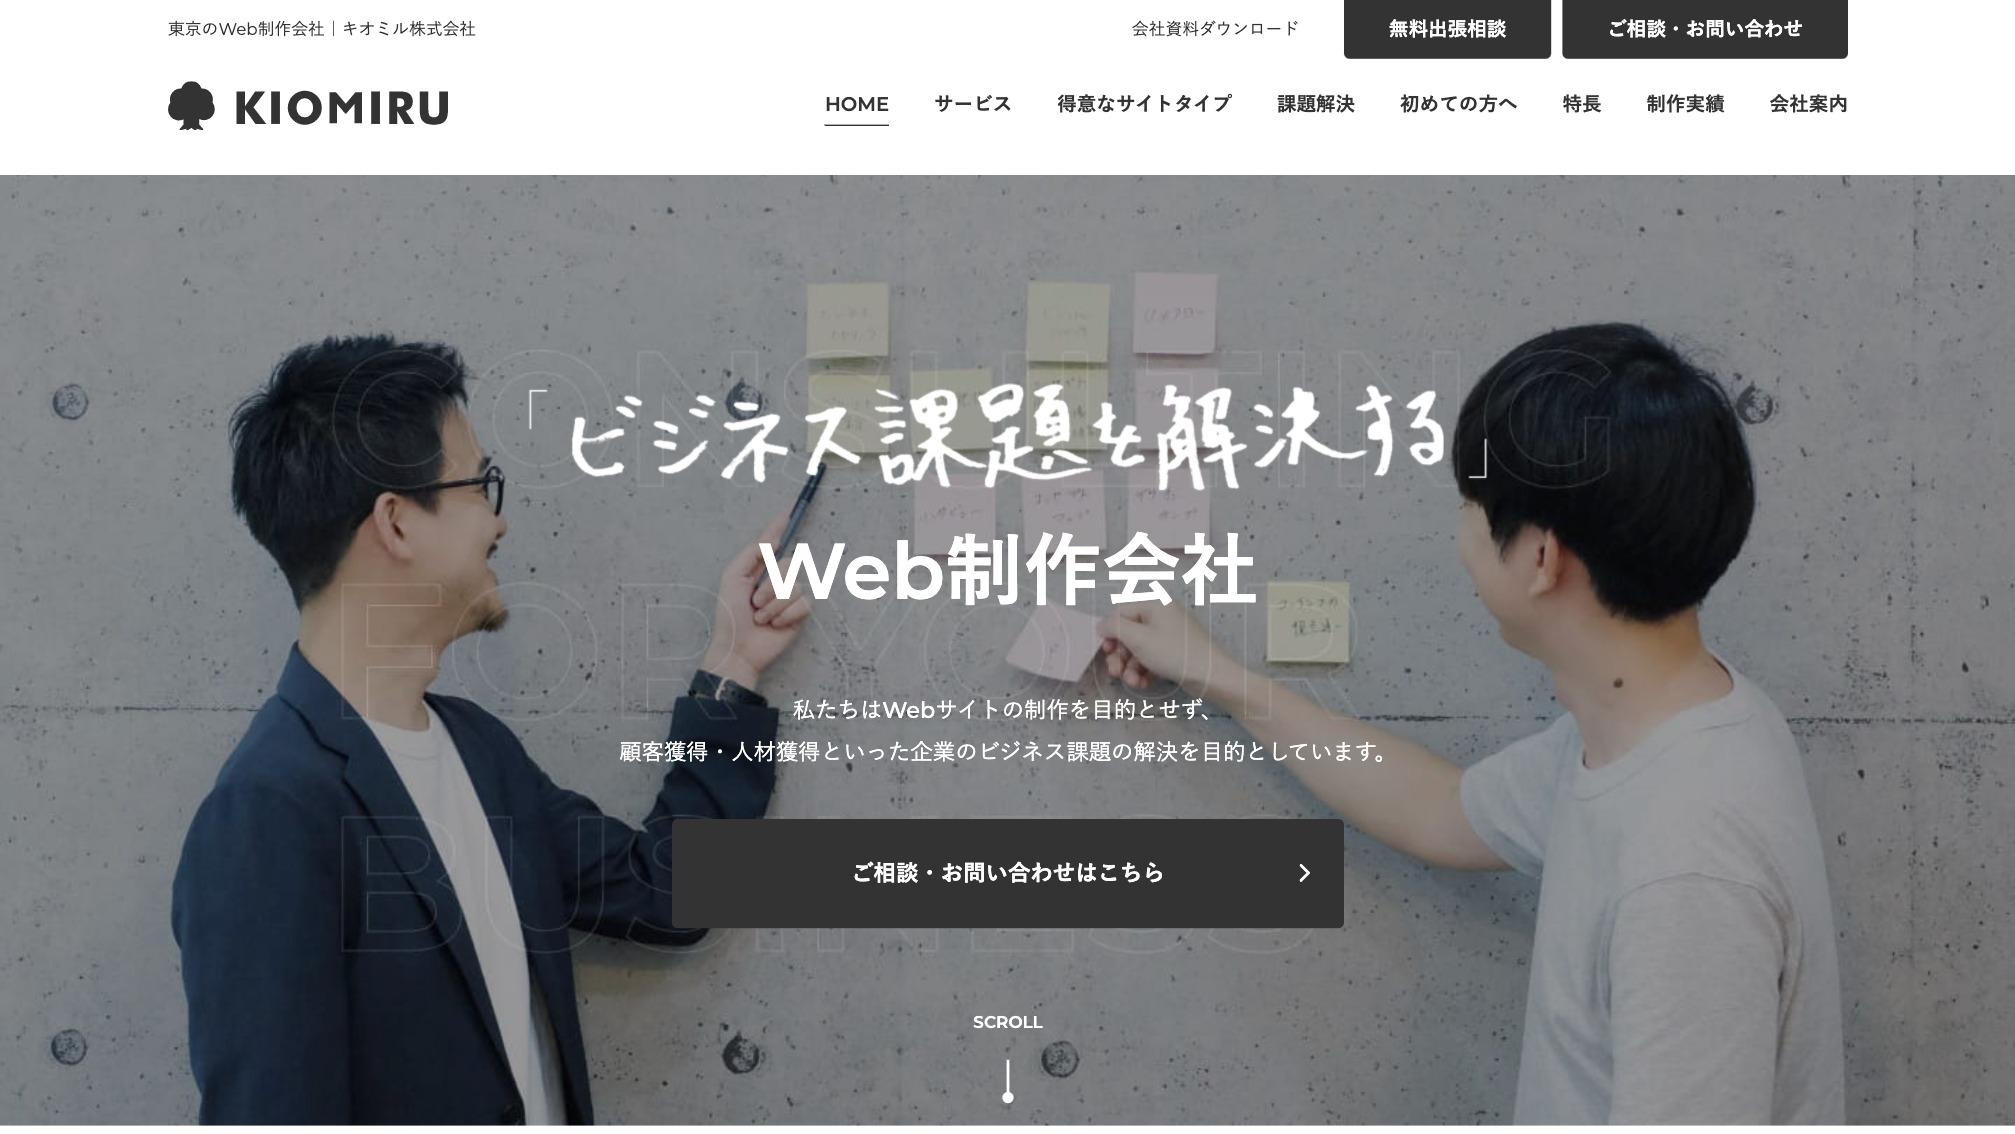 東京のWeb制作会社 キオミル株式会社